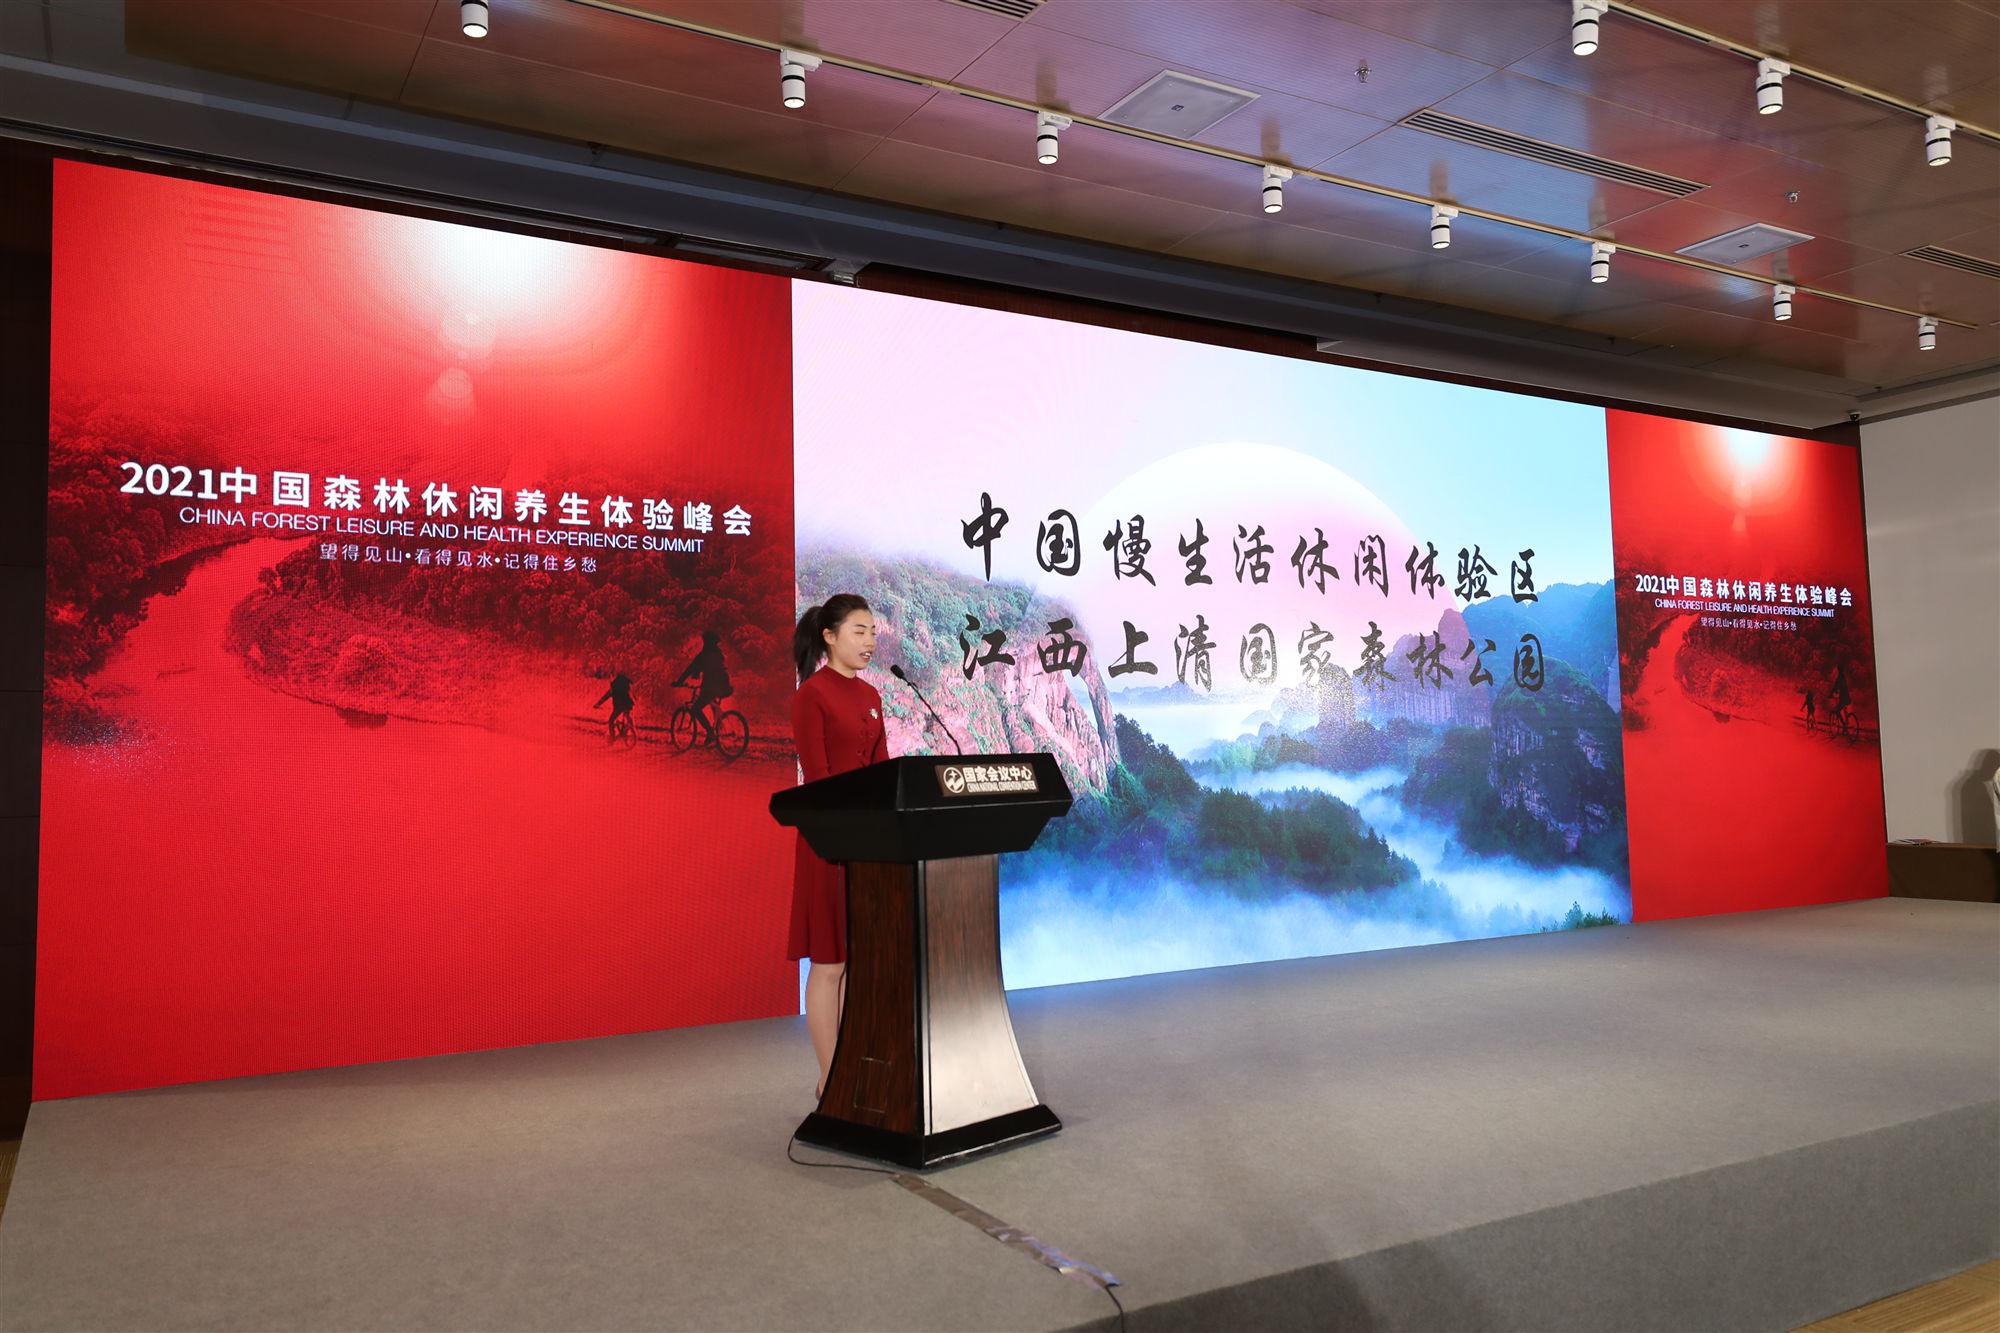 江西上清国家森林公园荣获中国慢生活休闲体验区